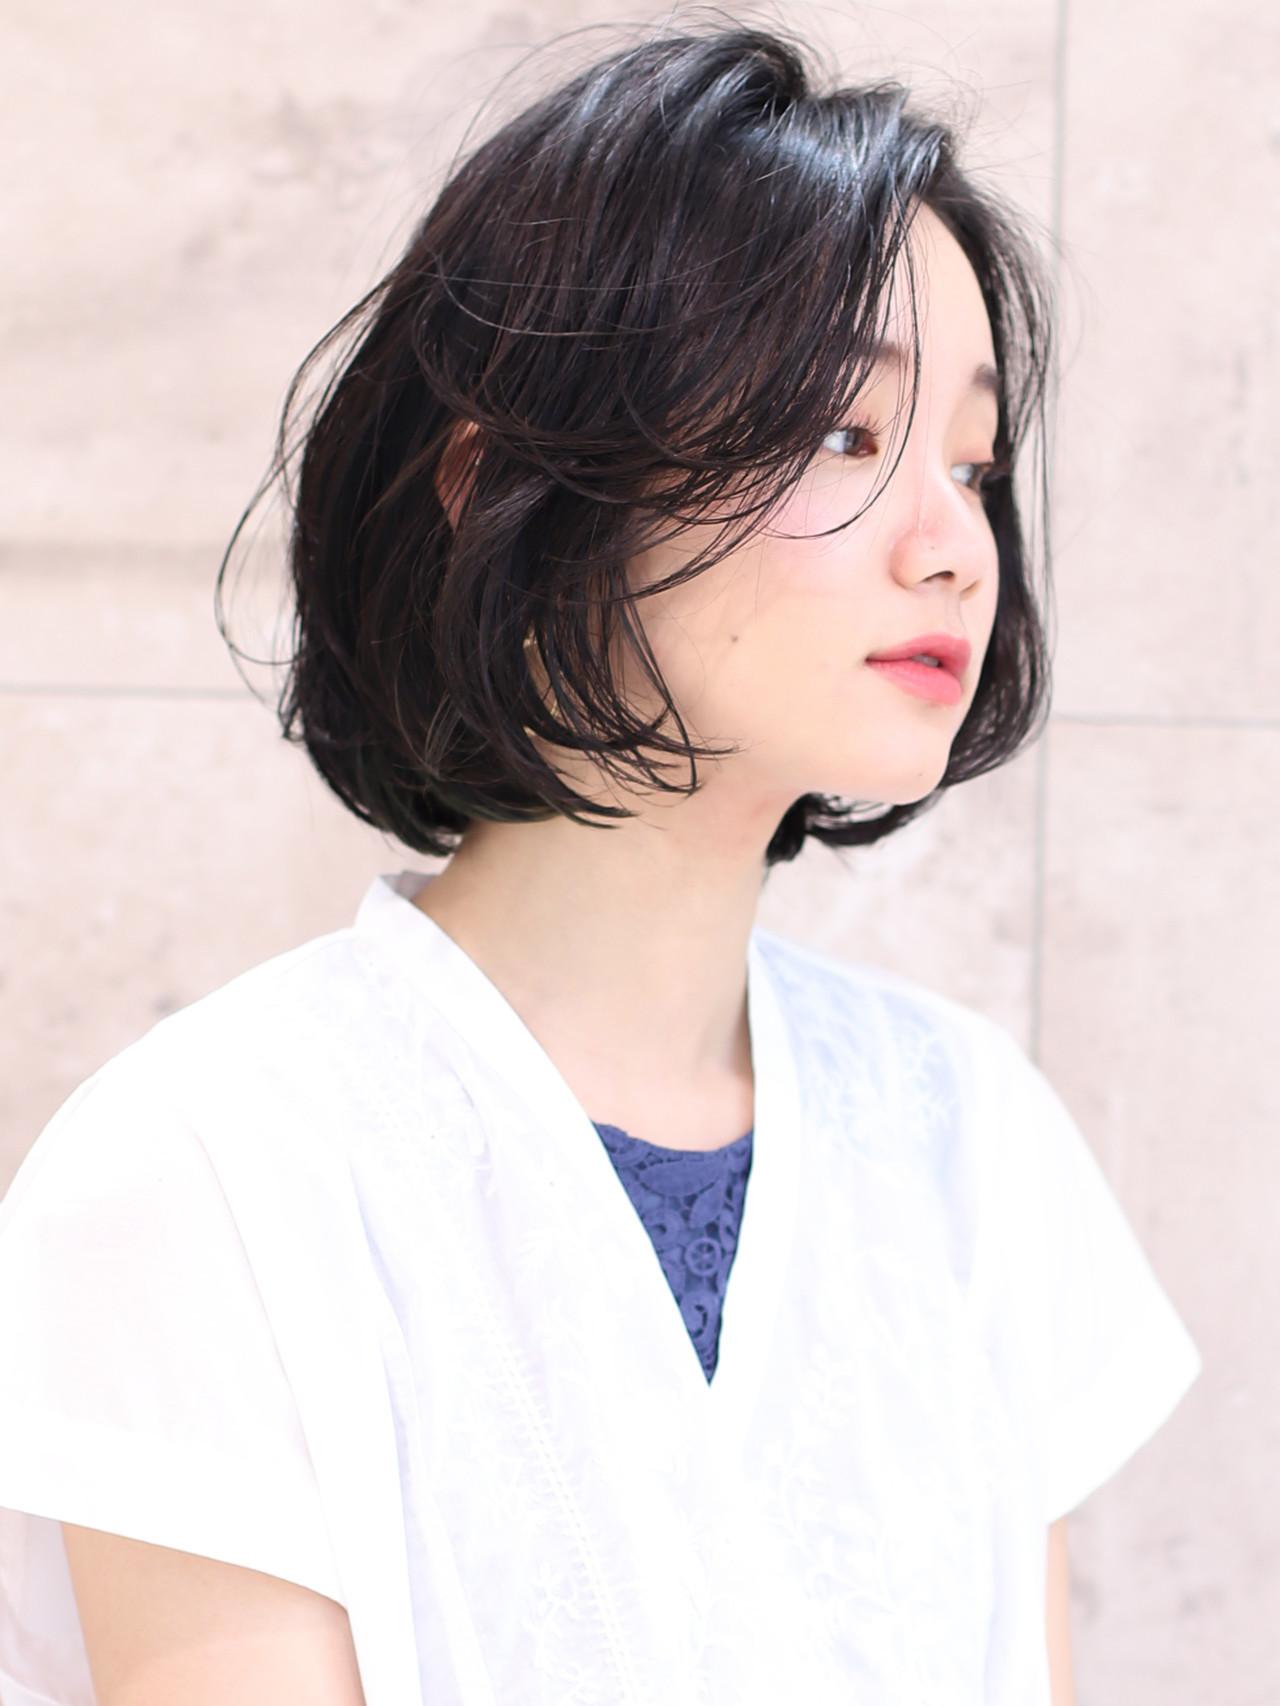 デジタルパーマ ショートヘア ベリーショート ショート ヘアスタイルや髪型の写真・画像